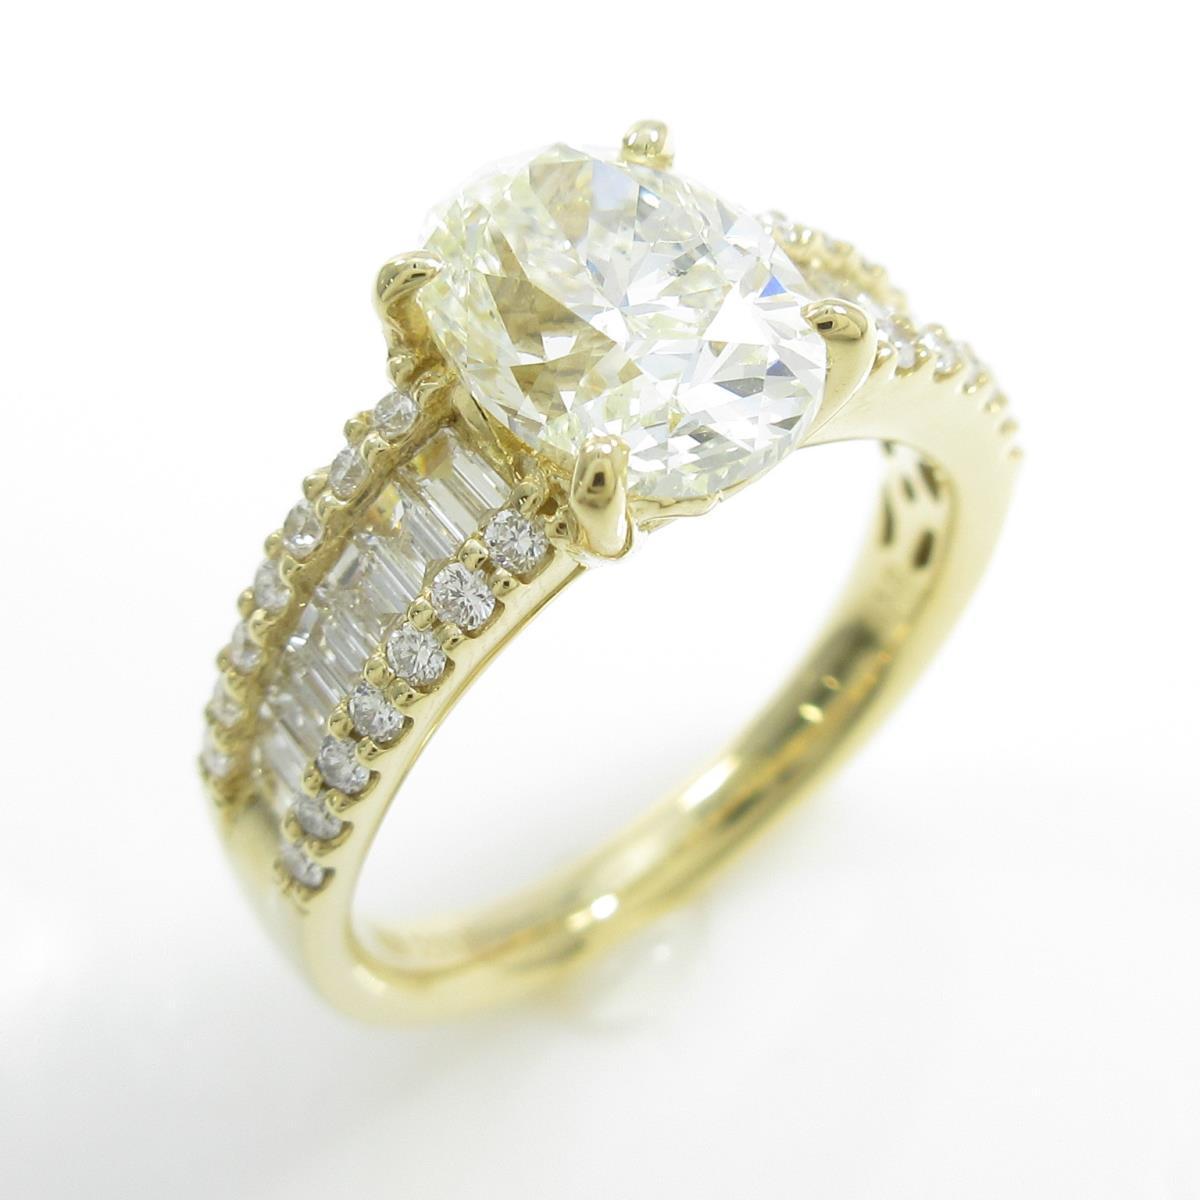 【リメイク】K18YG ダイヤモンドリング 2.005ct・VLY・SI1・オーバルカット【中古】